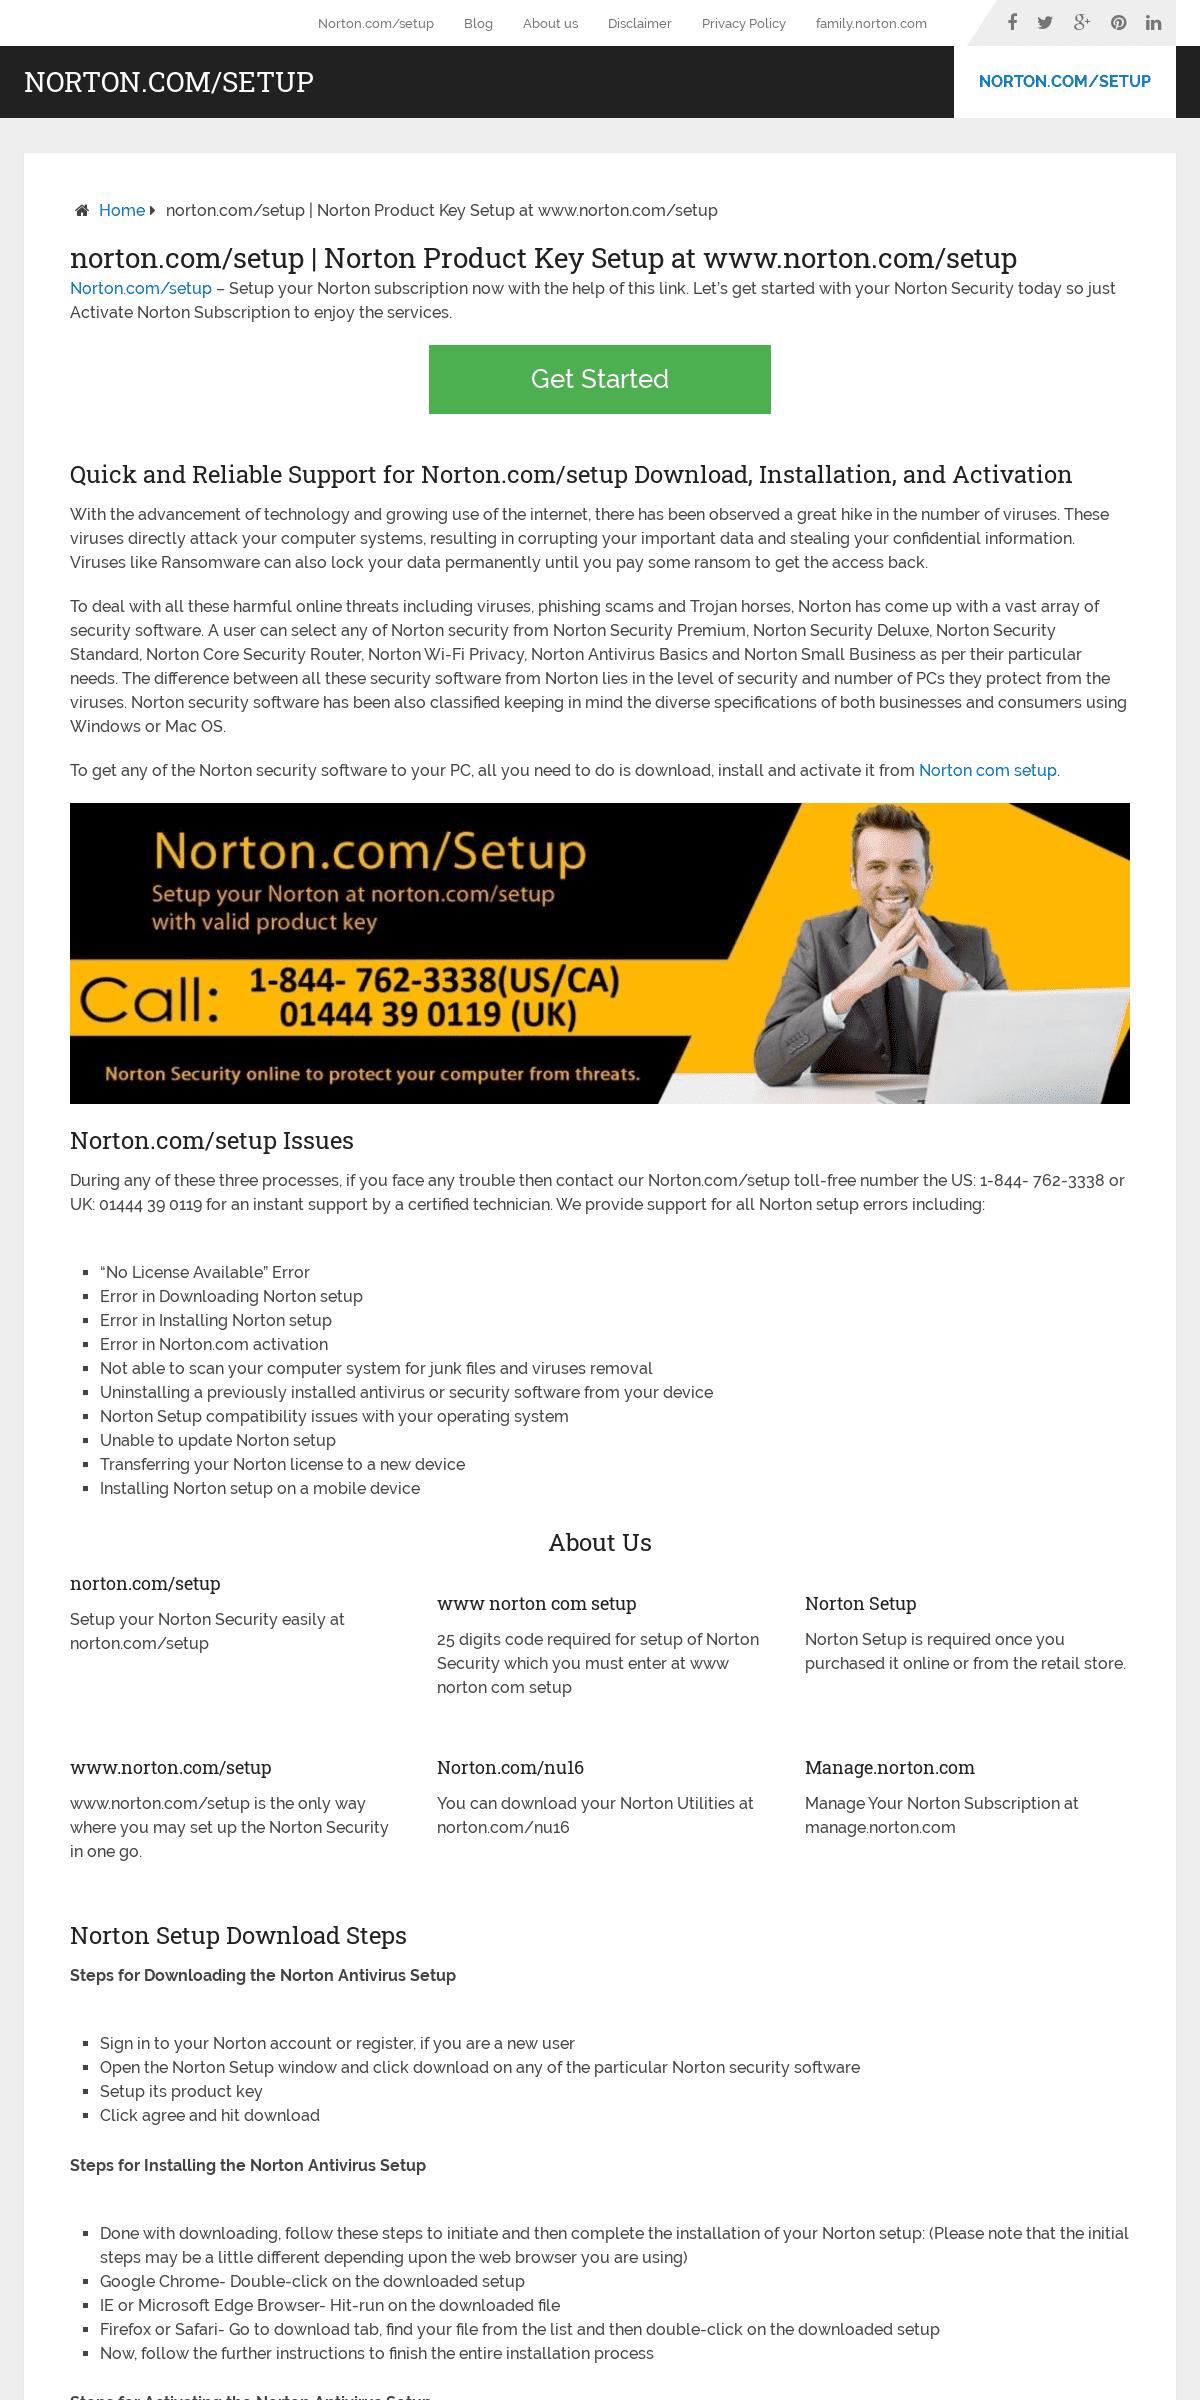 norton.com-setup - Norton Product Key Setup at www.norton.com-setup